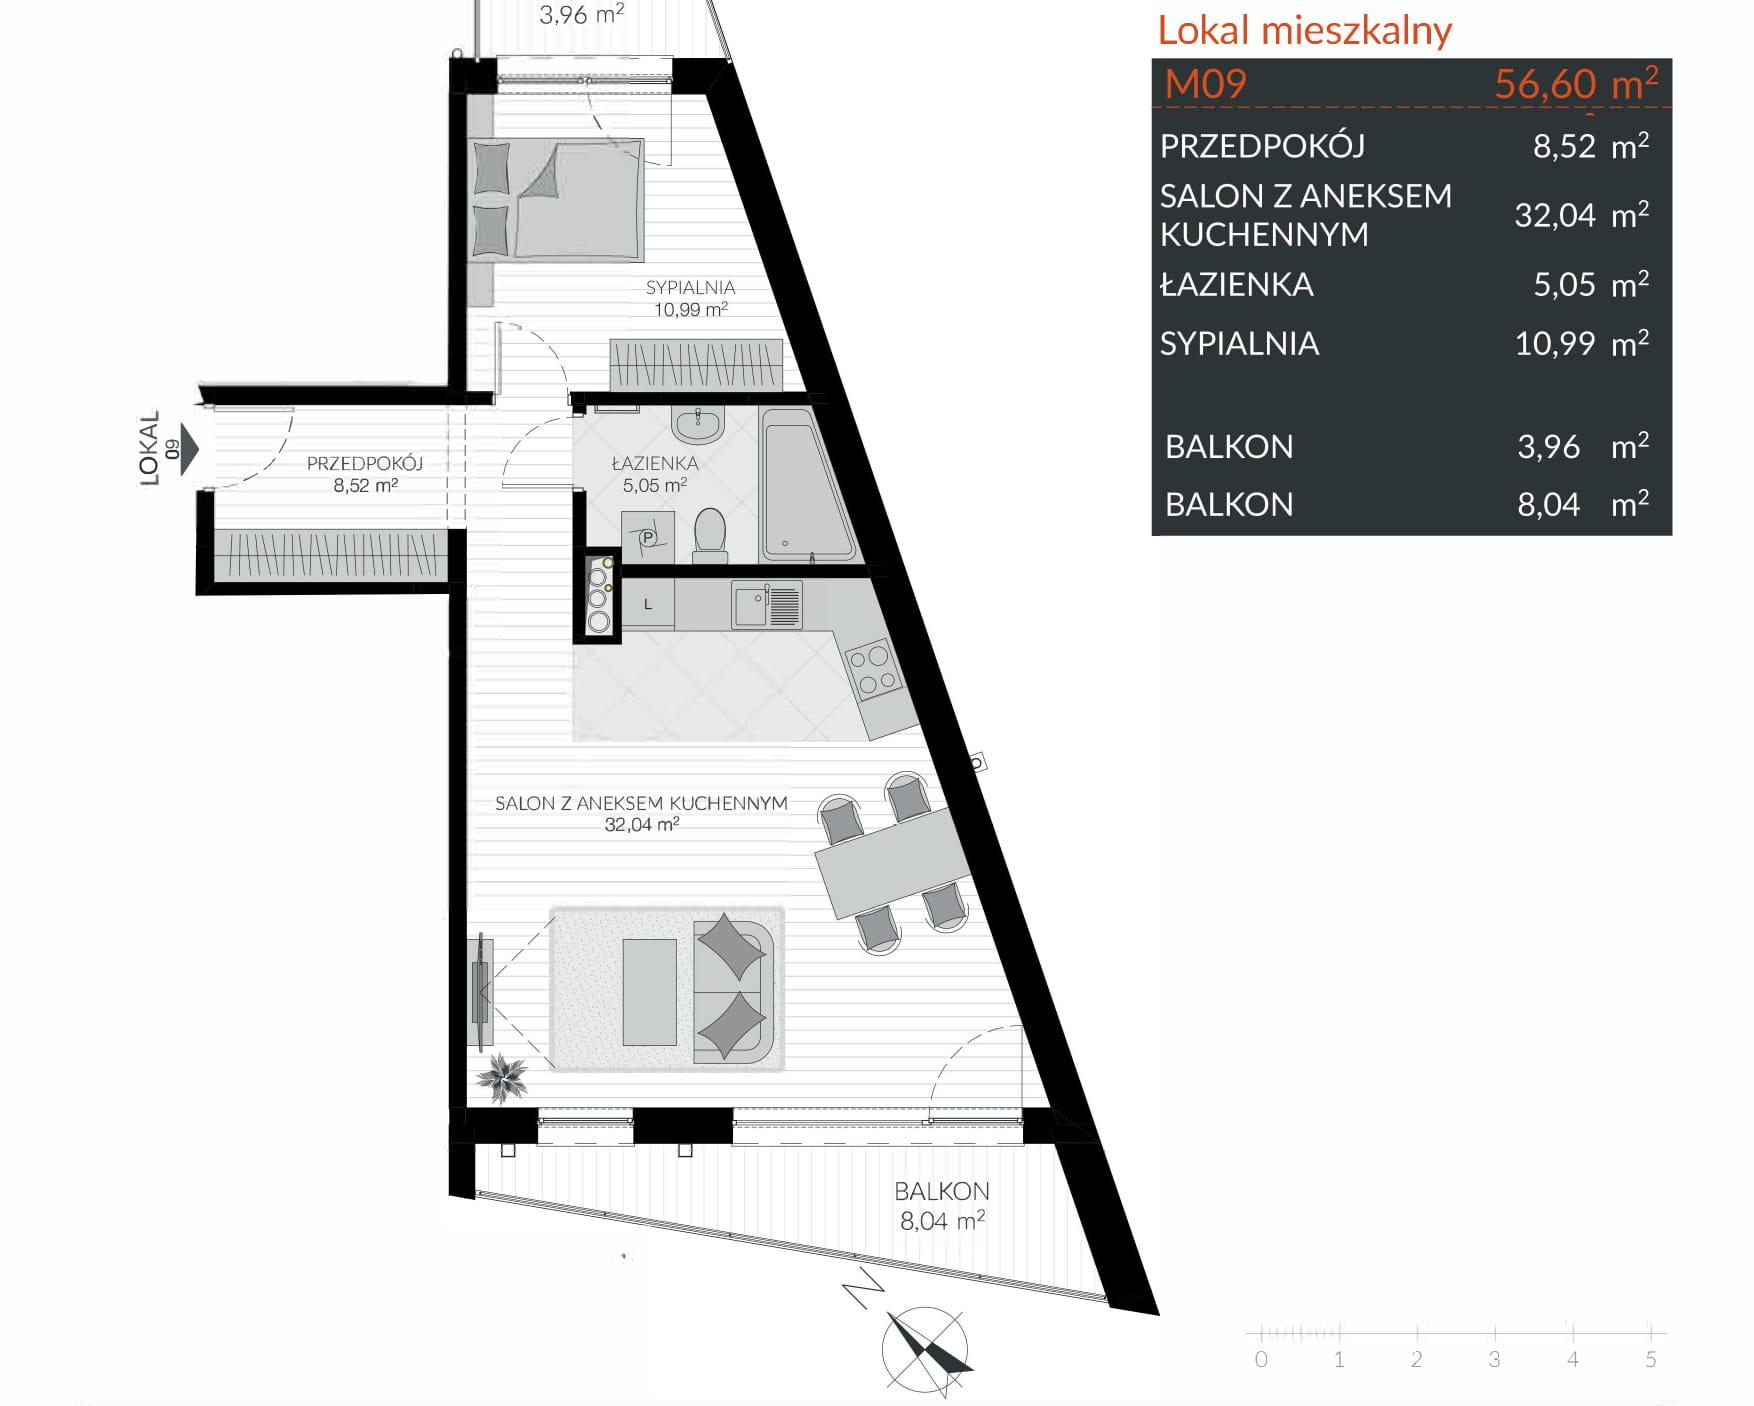 Apartamenty Kamienna / apartamenty inwestycyjne M09 rzut 1